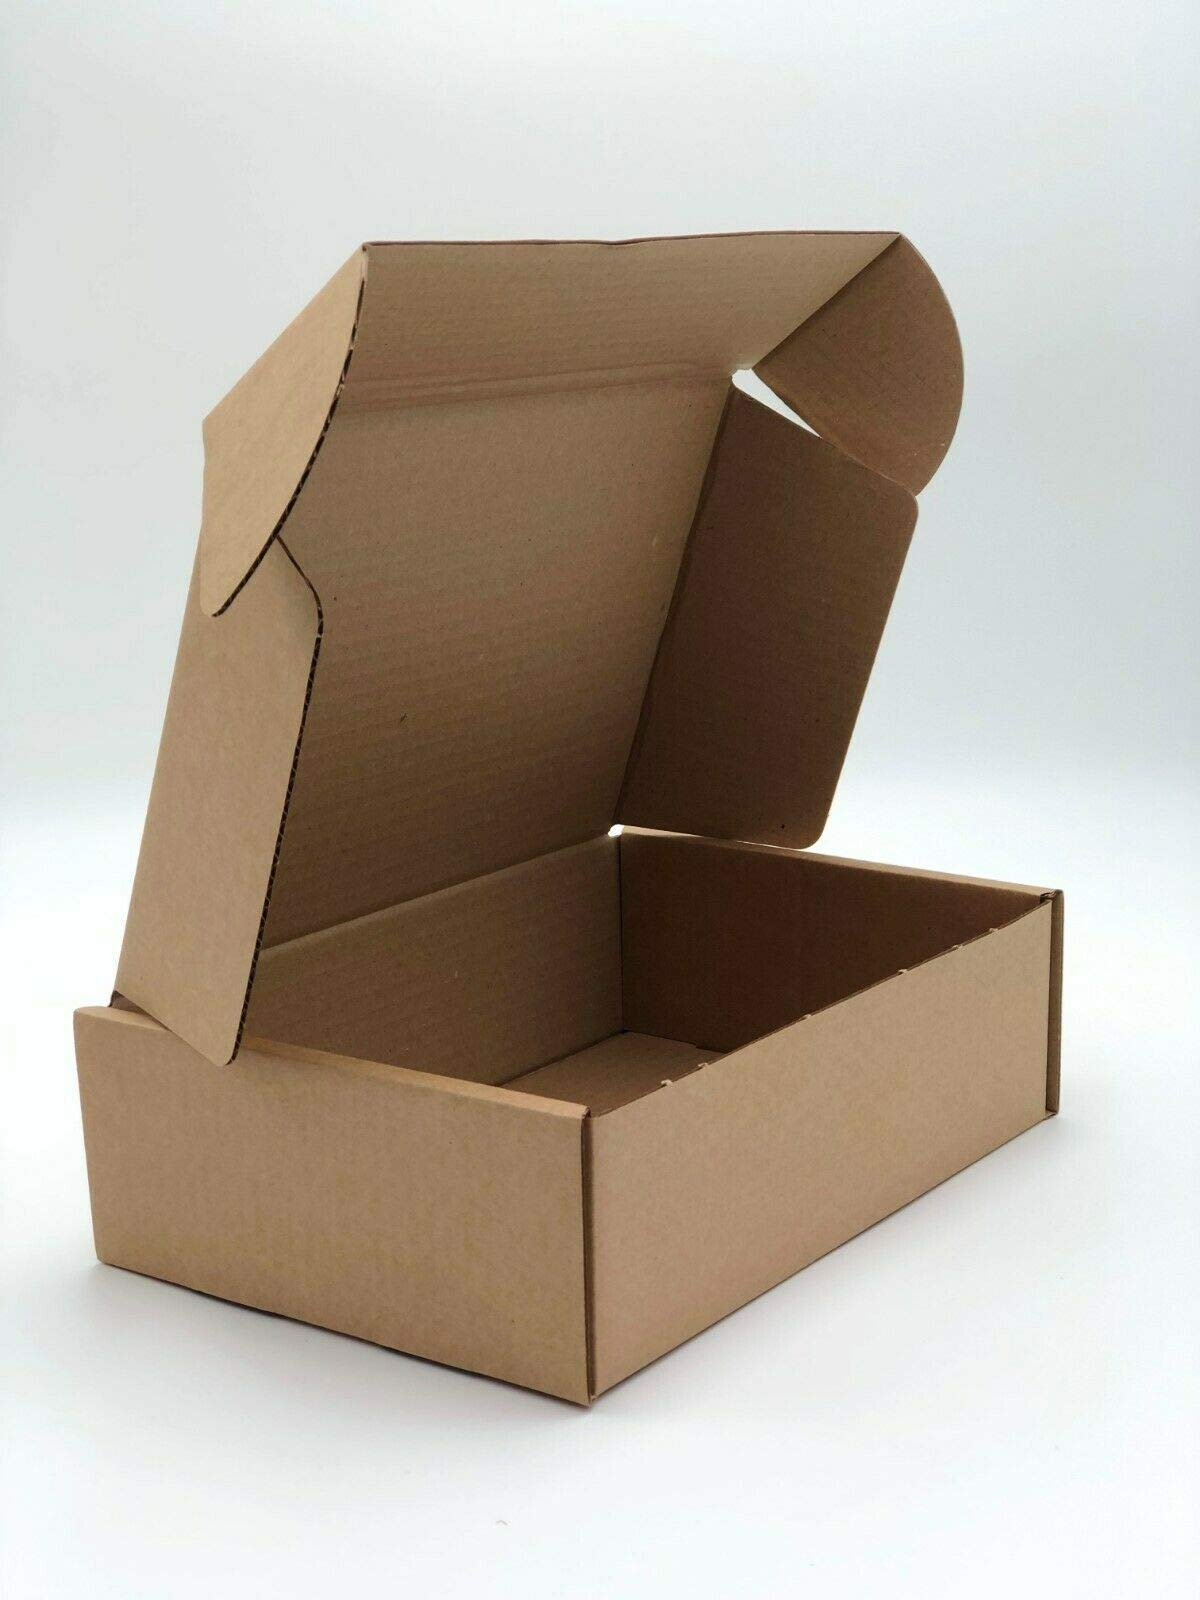 Marrón cajas de transporte regalo presente tamaño del paquete: 15